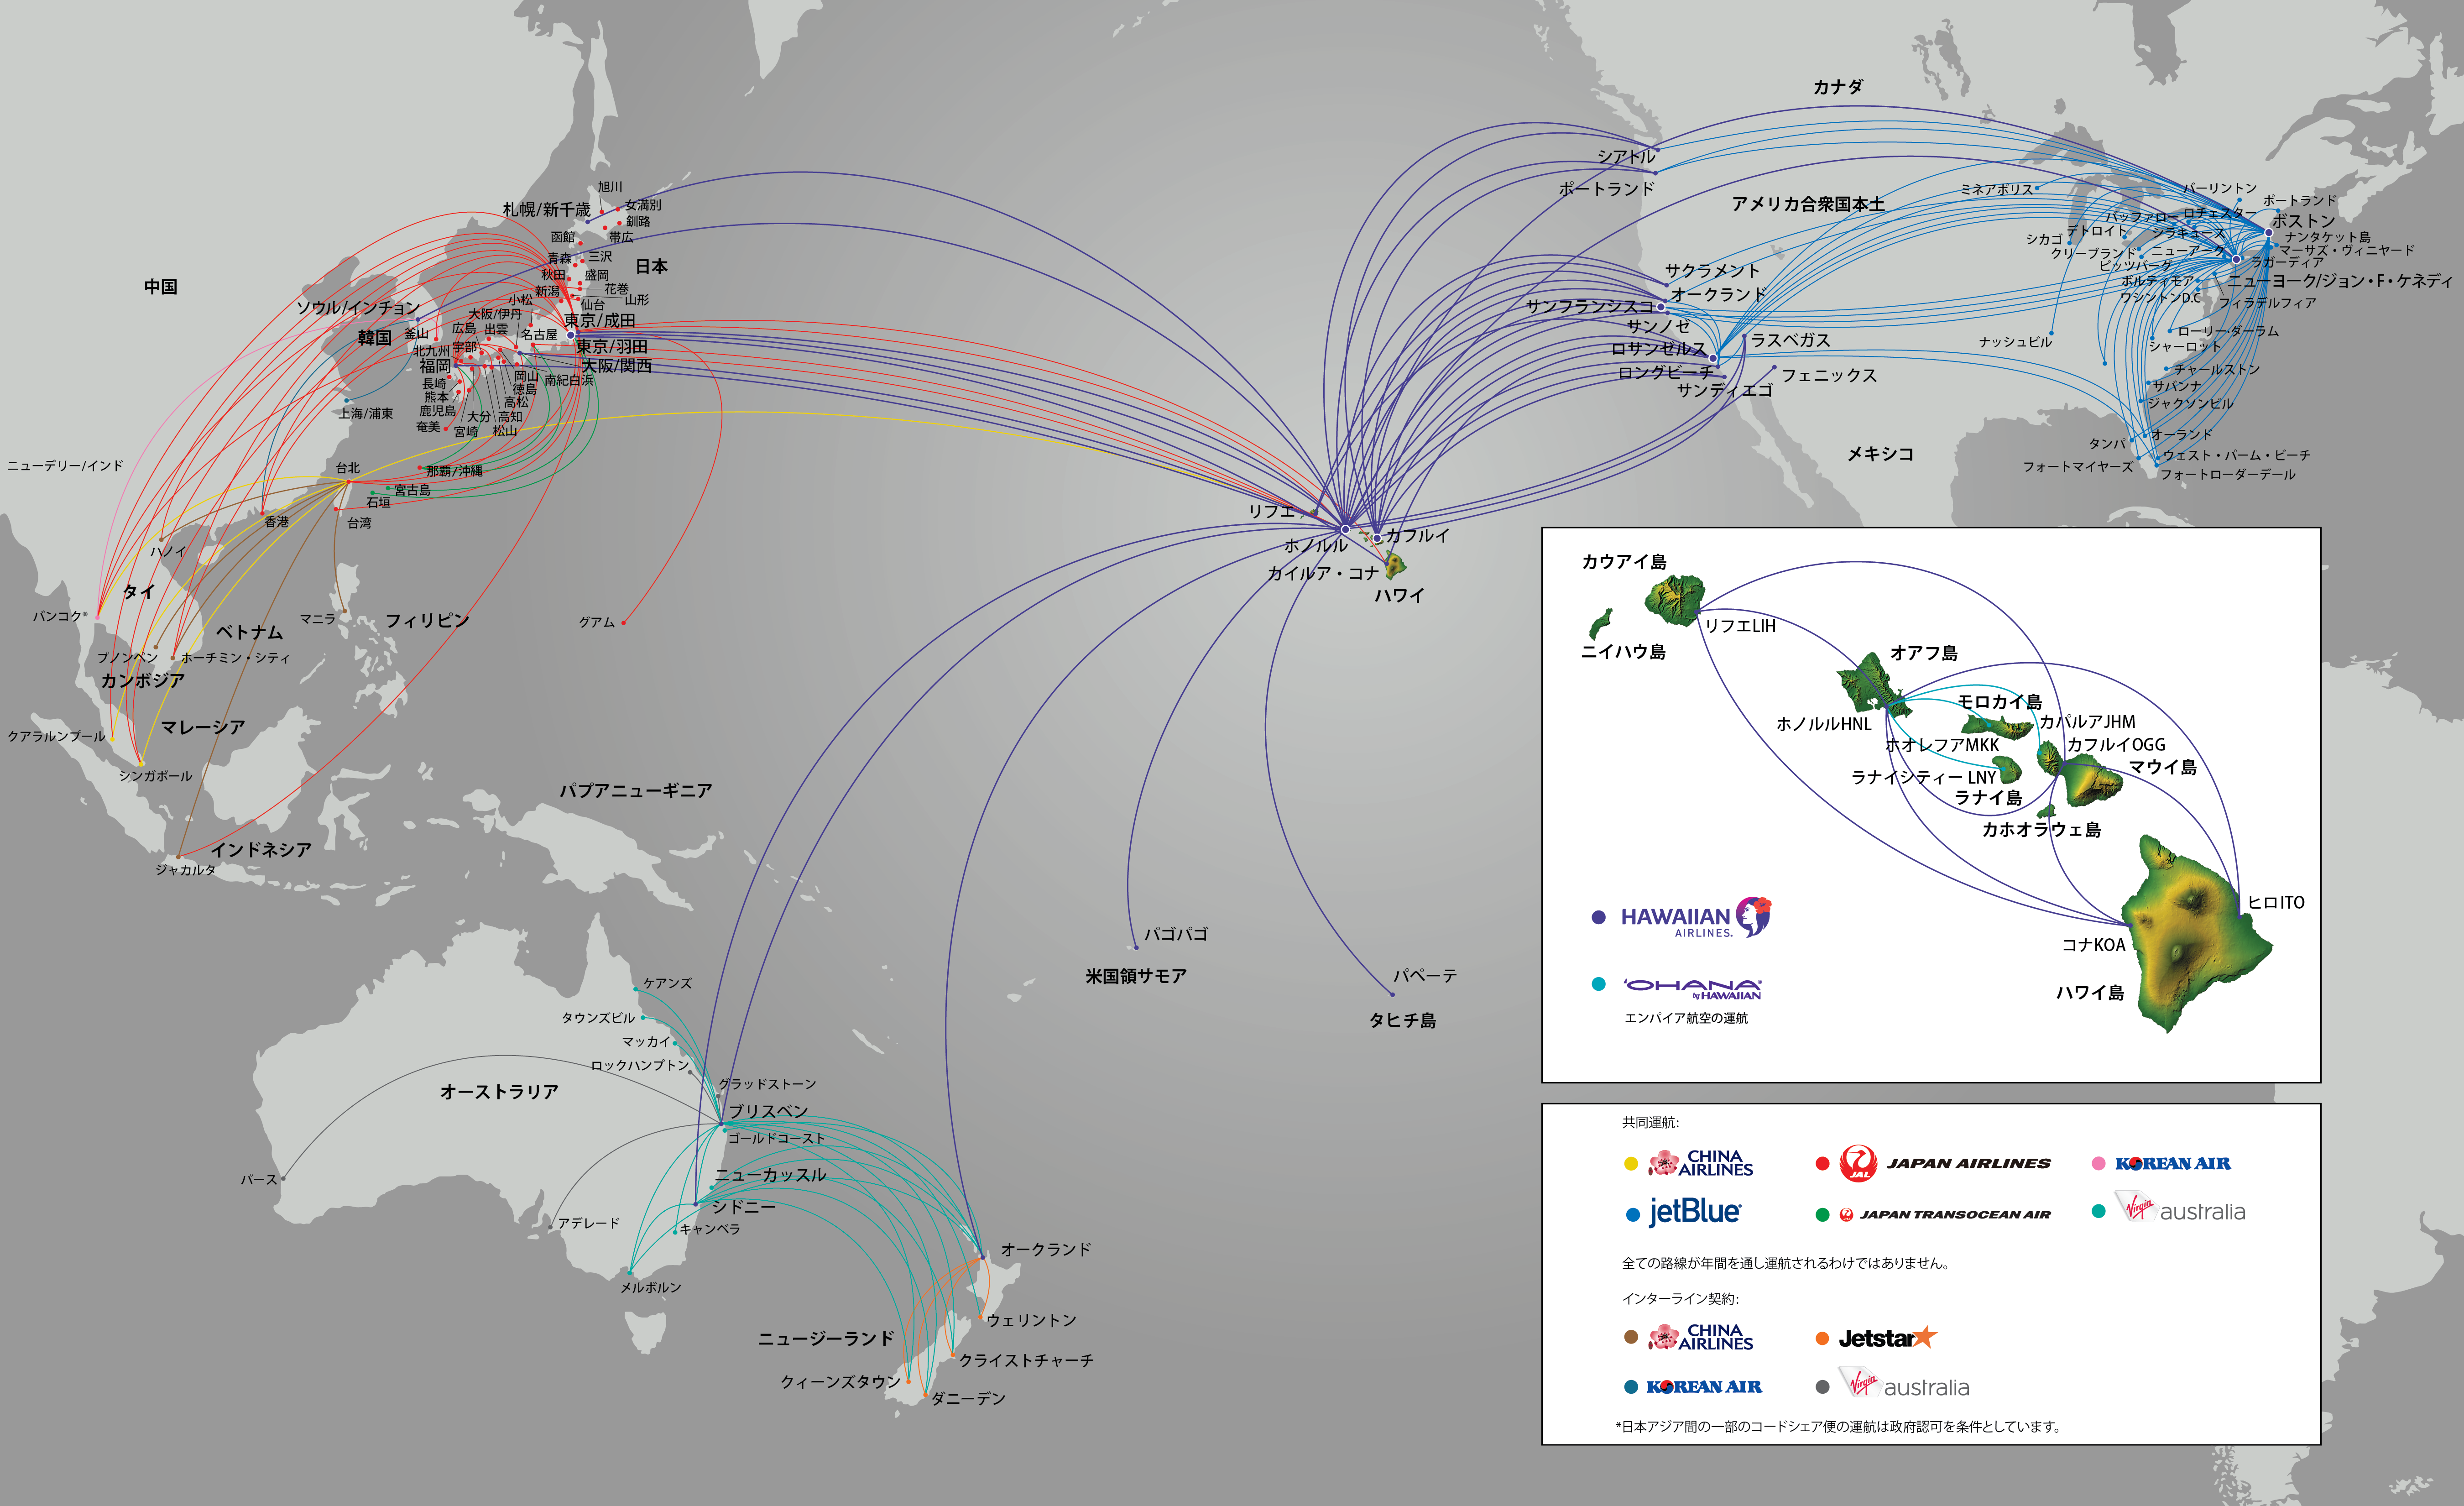 ハワイアン航空国際線路線図